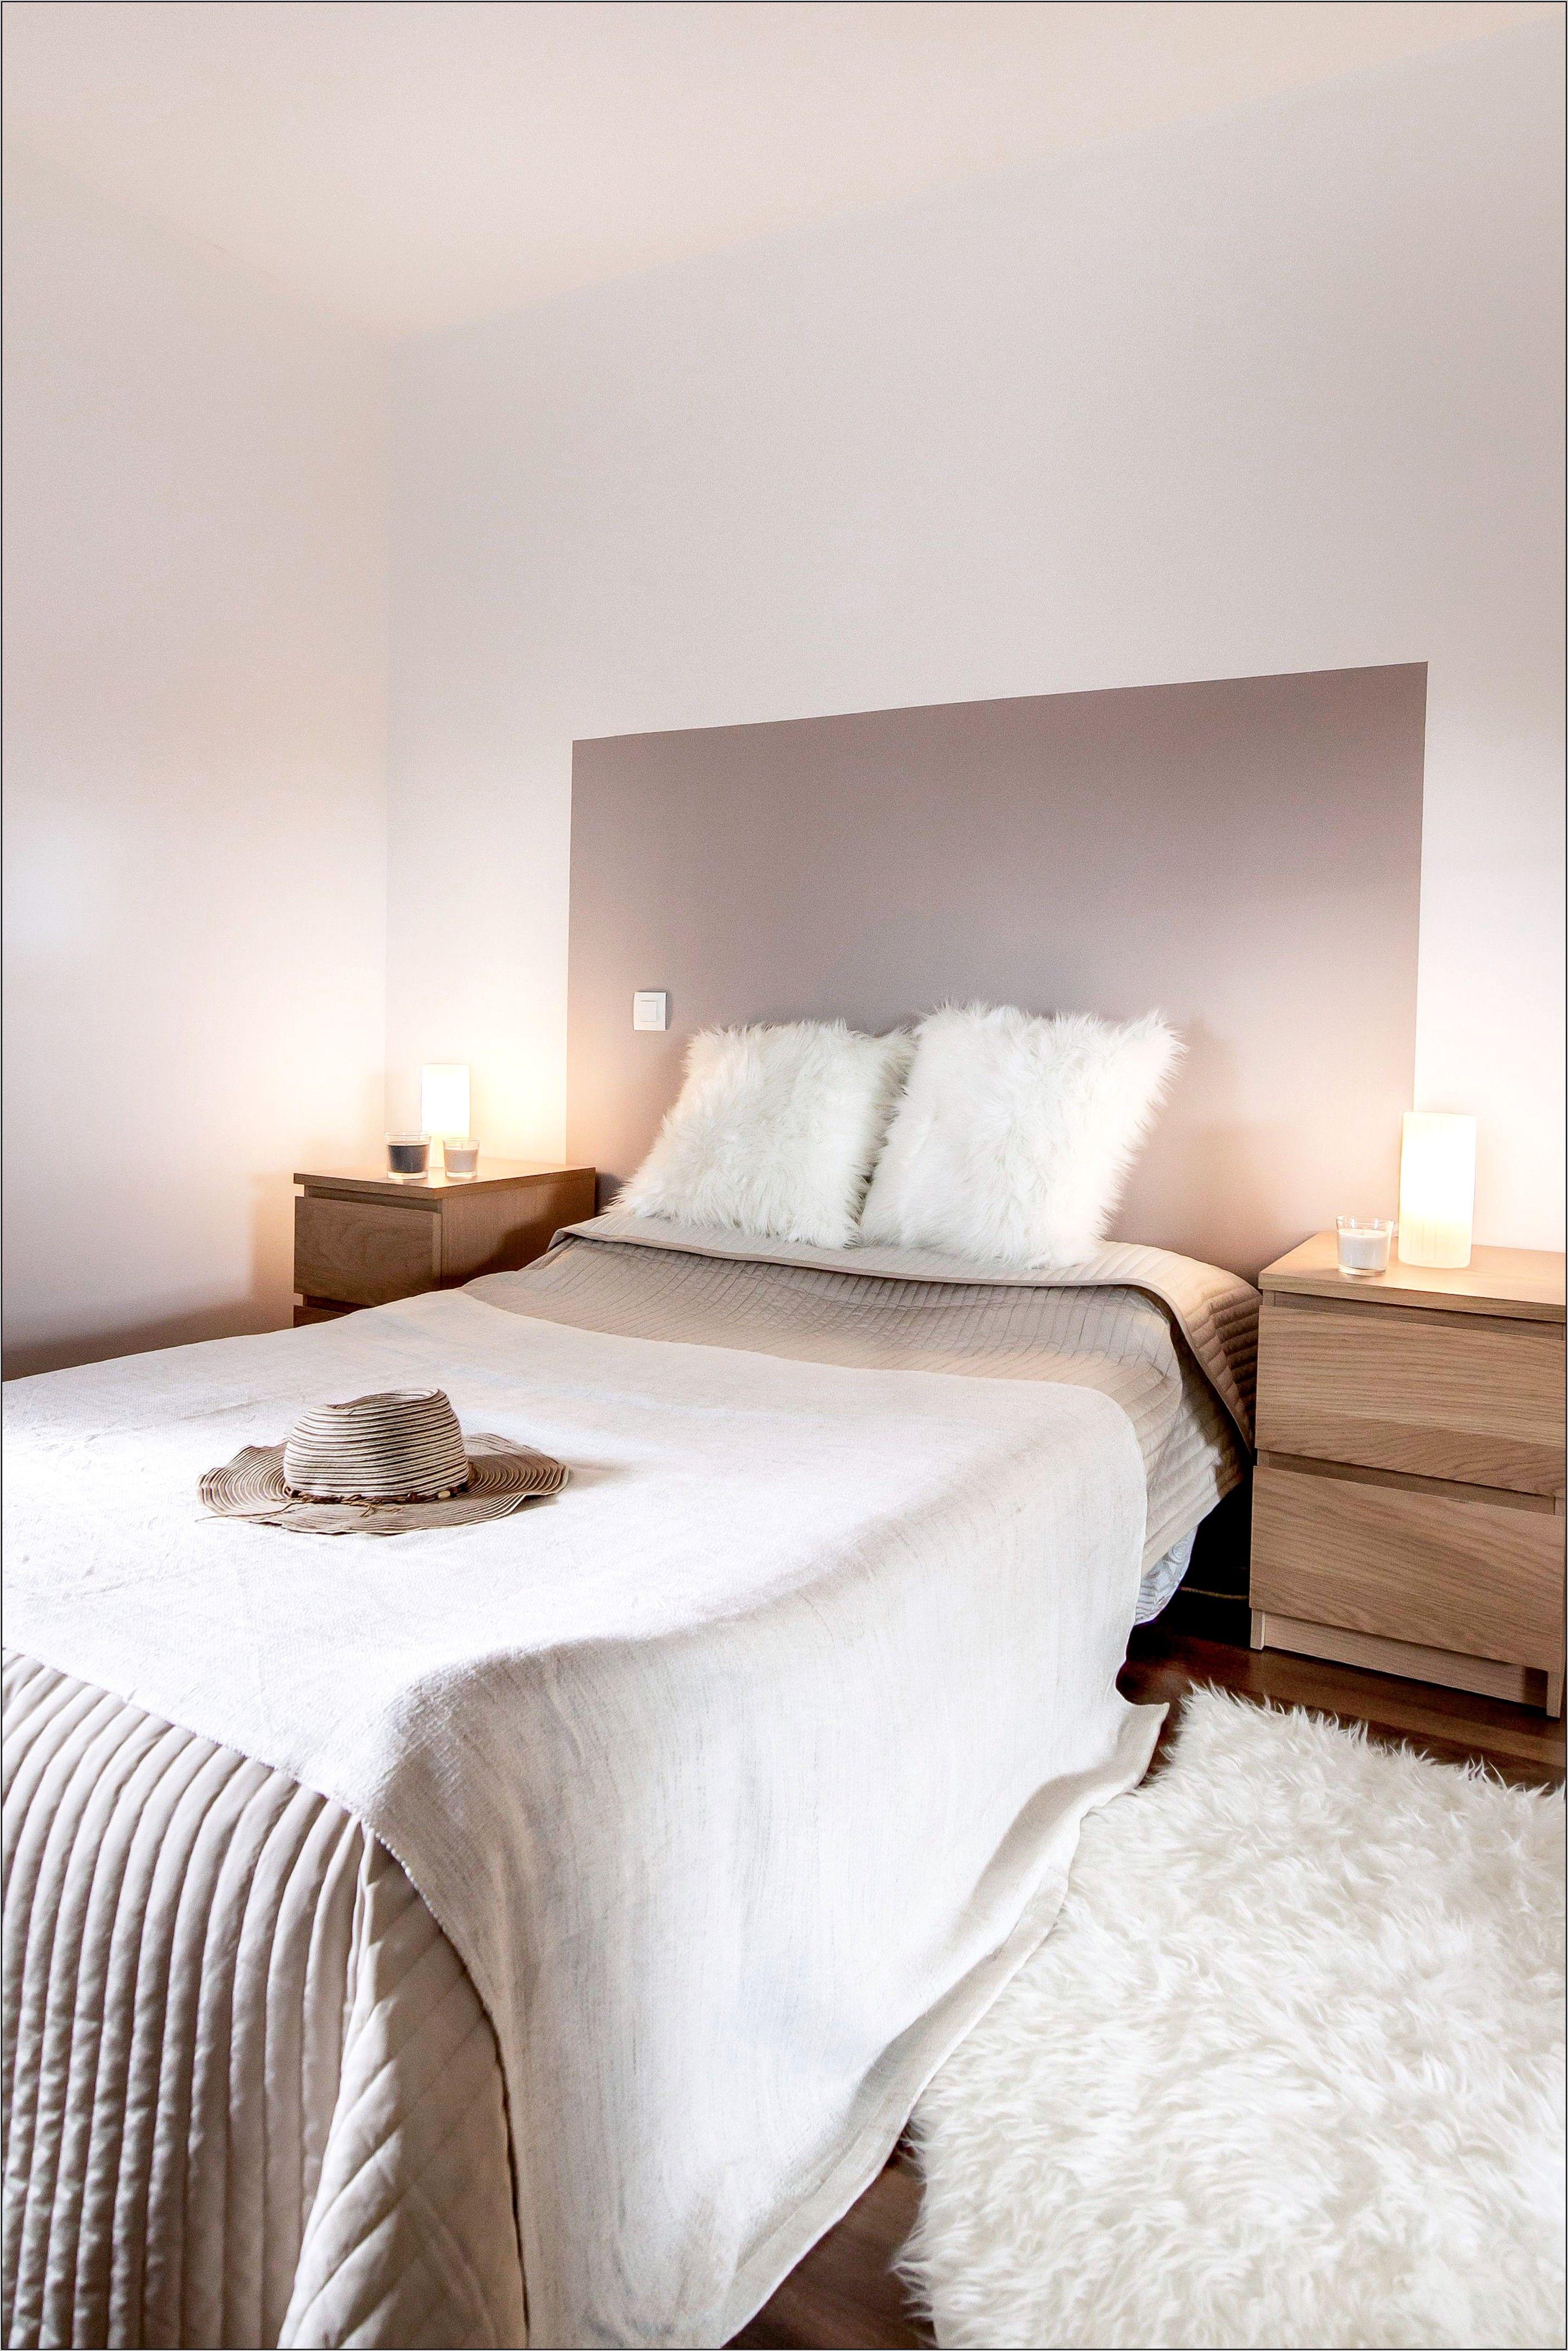 Deco Chambre Avec Tete De Lit En Bois Blanc In 2020 Interior